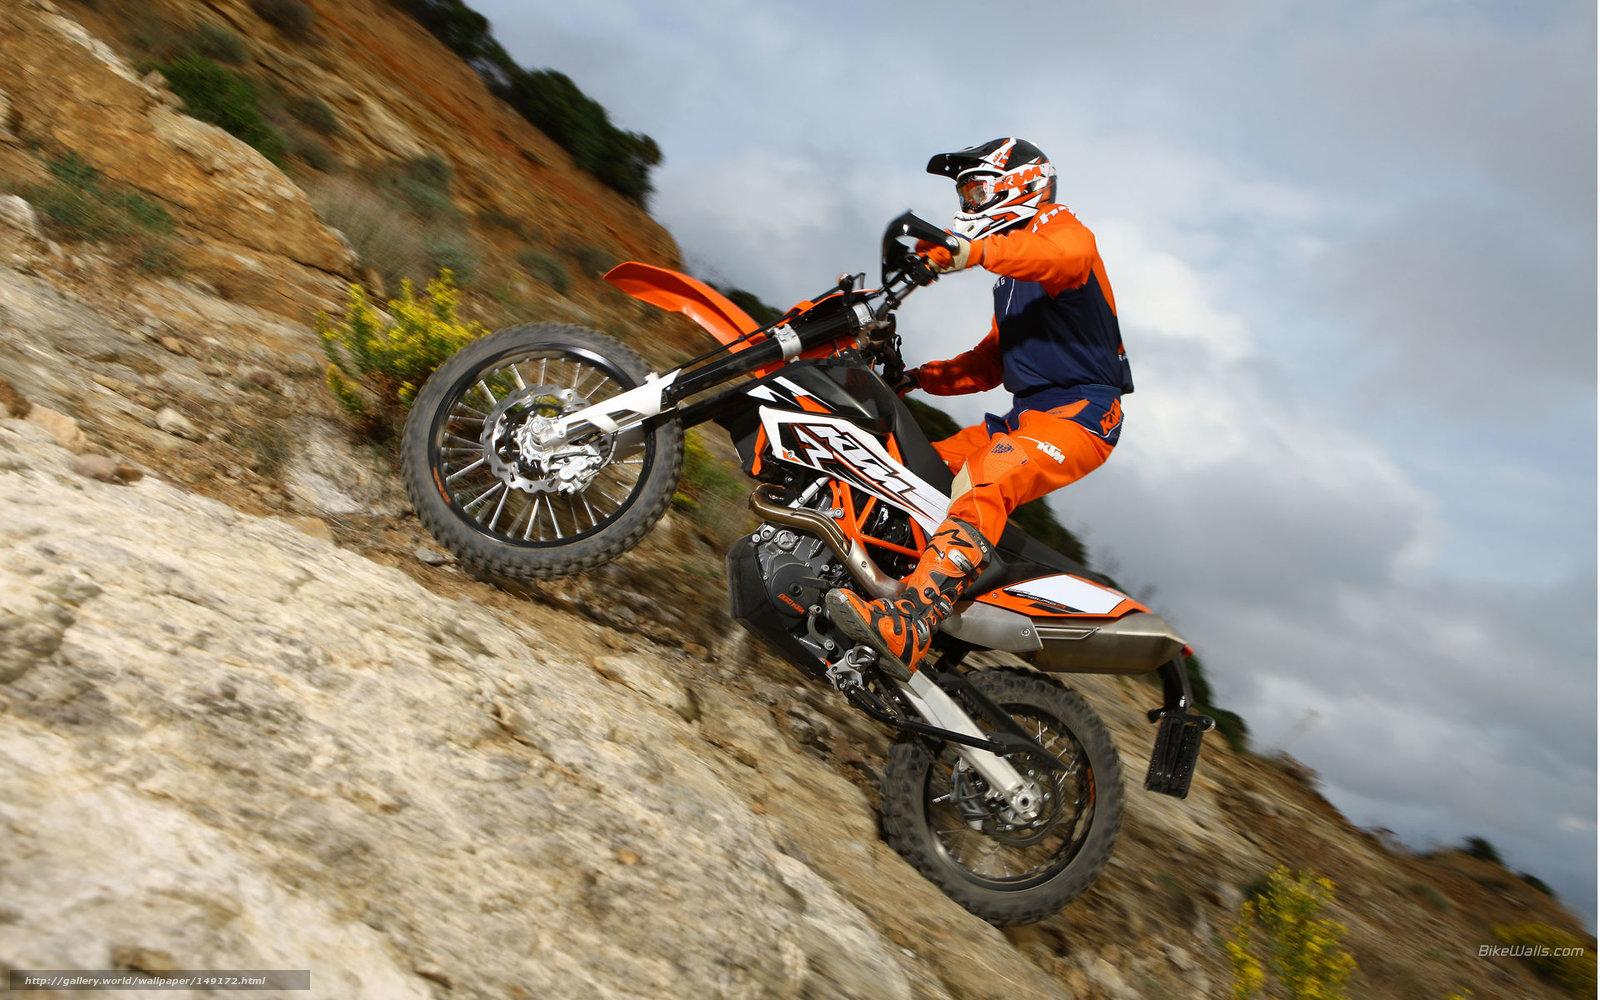 Tlcharger Fond d'ecran KTM, Offroad, 690 Enduro R, 690 Enduro R 2009 Fonds d'ecran gratuits pour ...